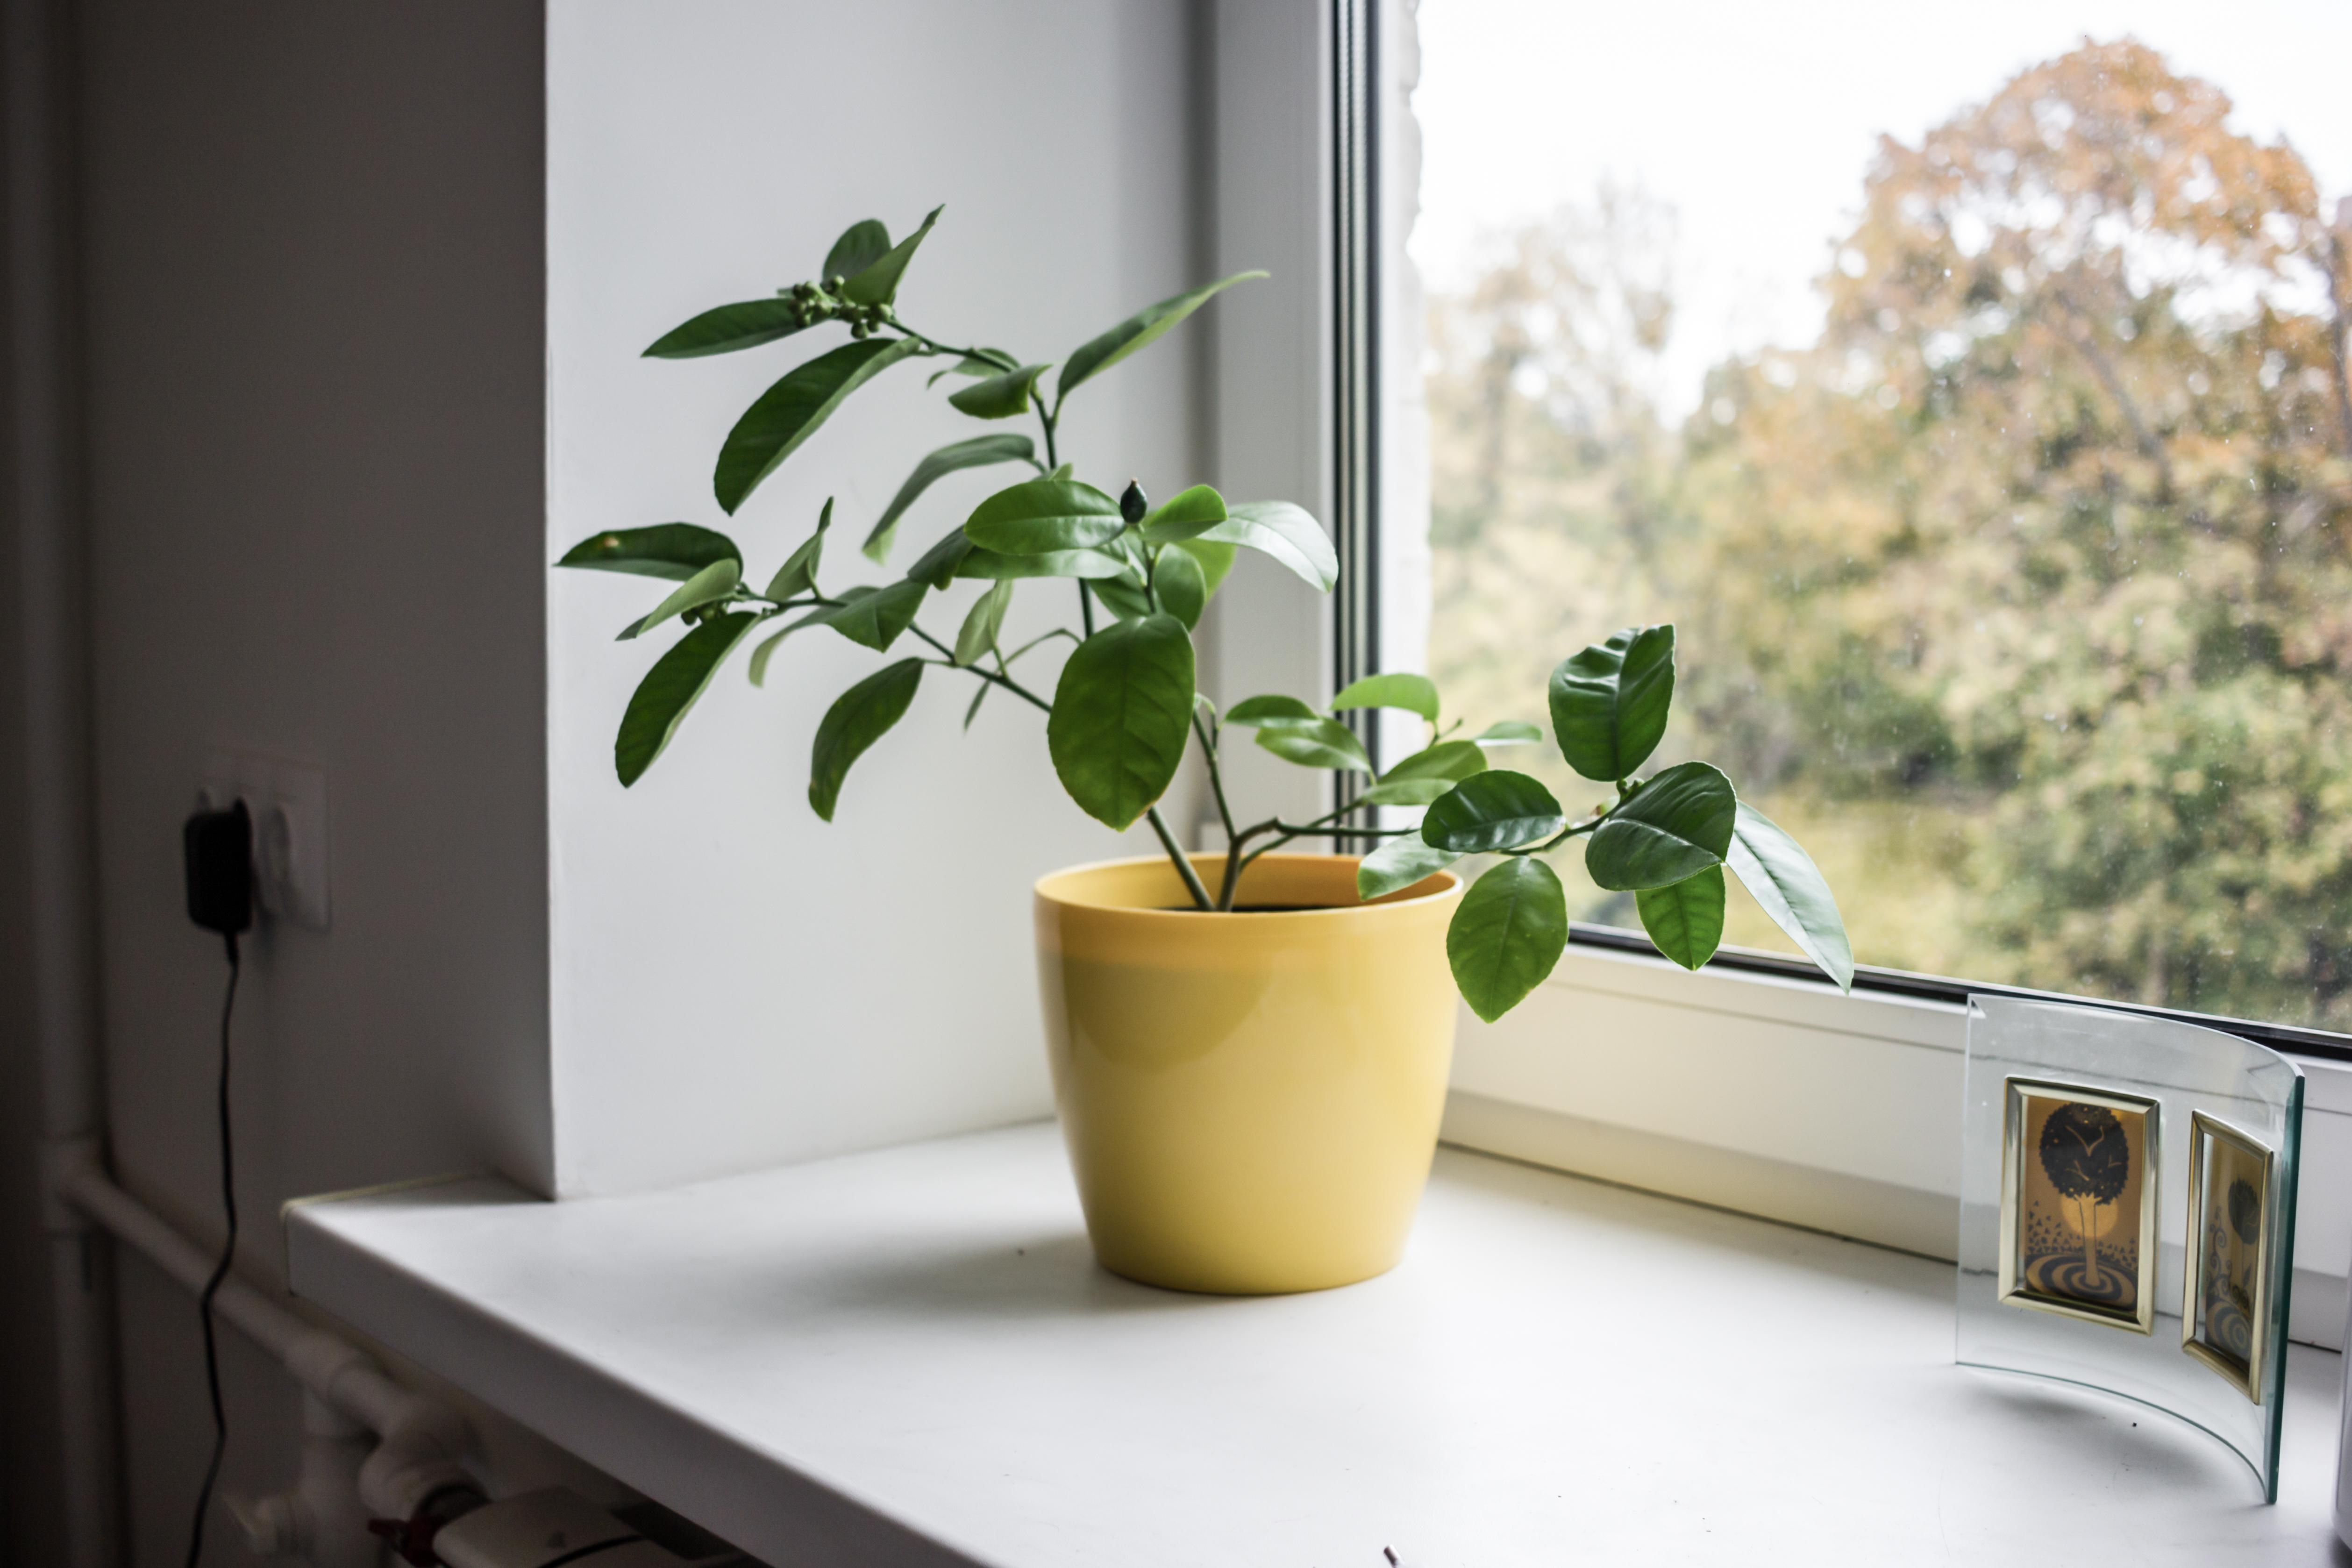 Детская комната и растения